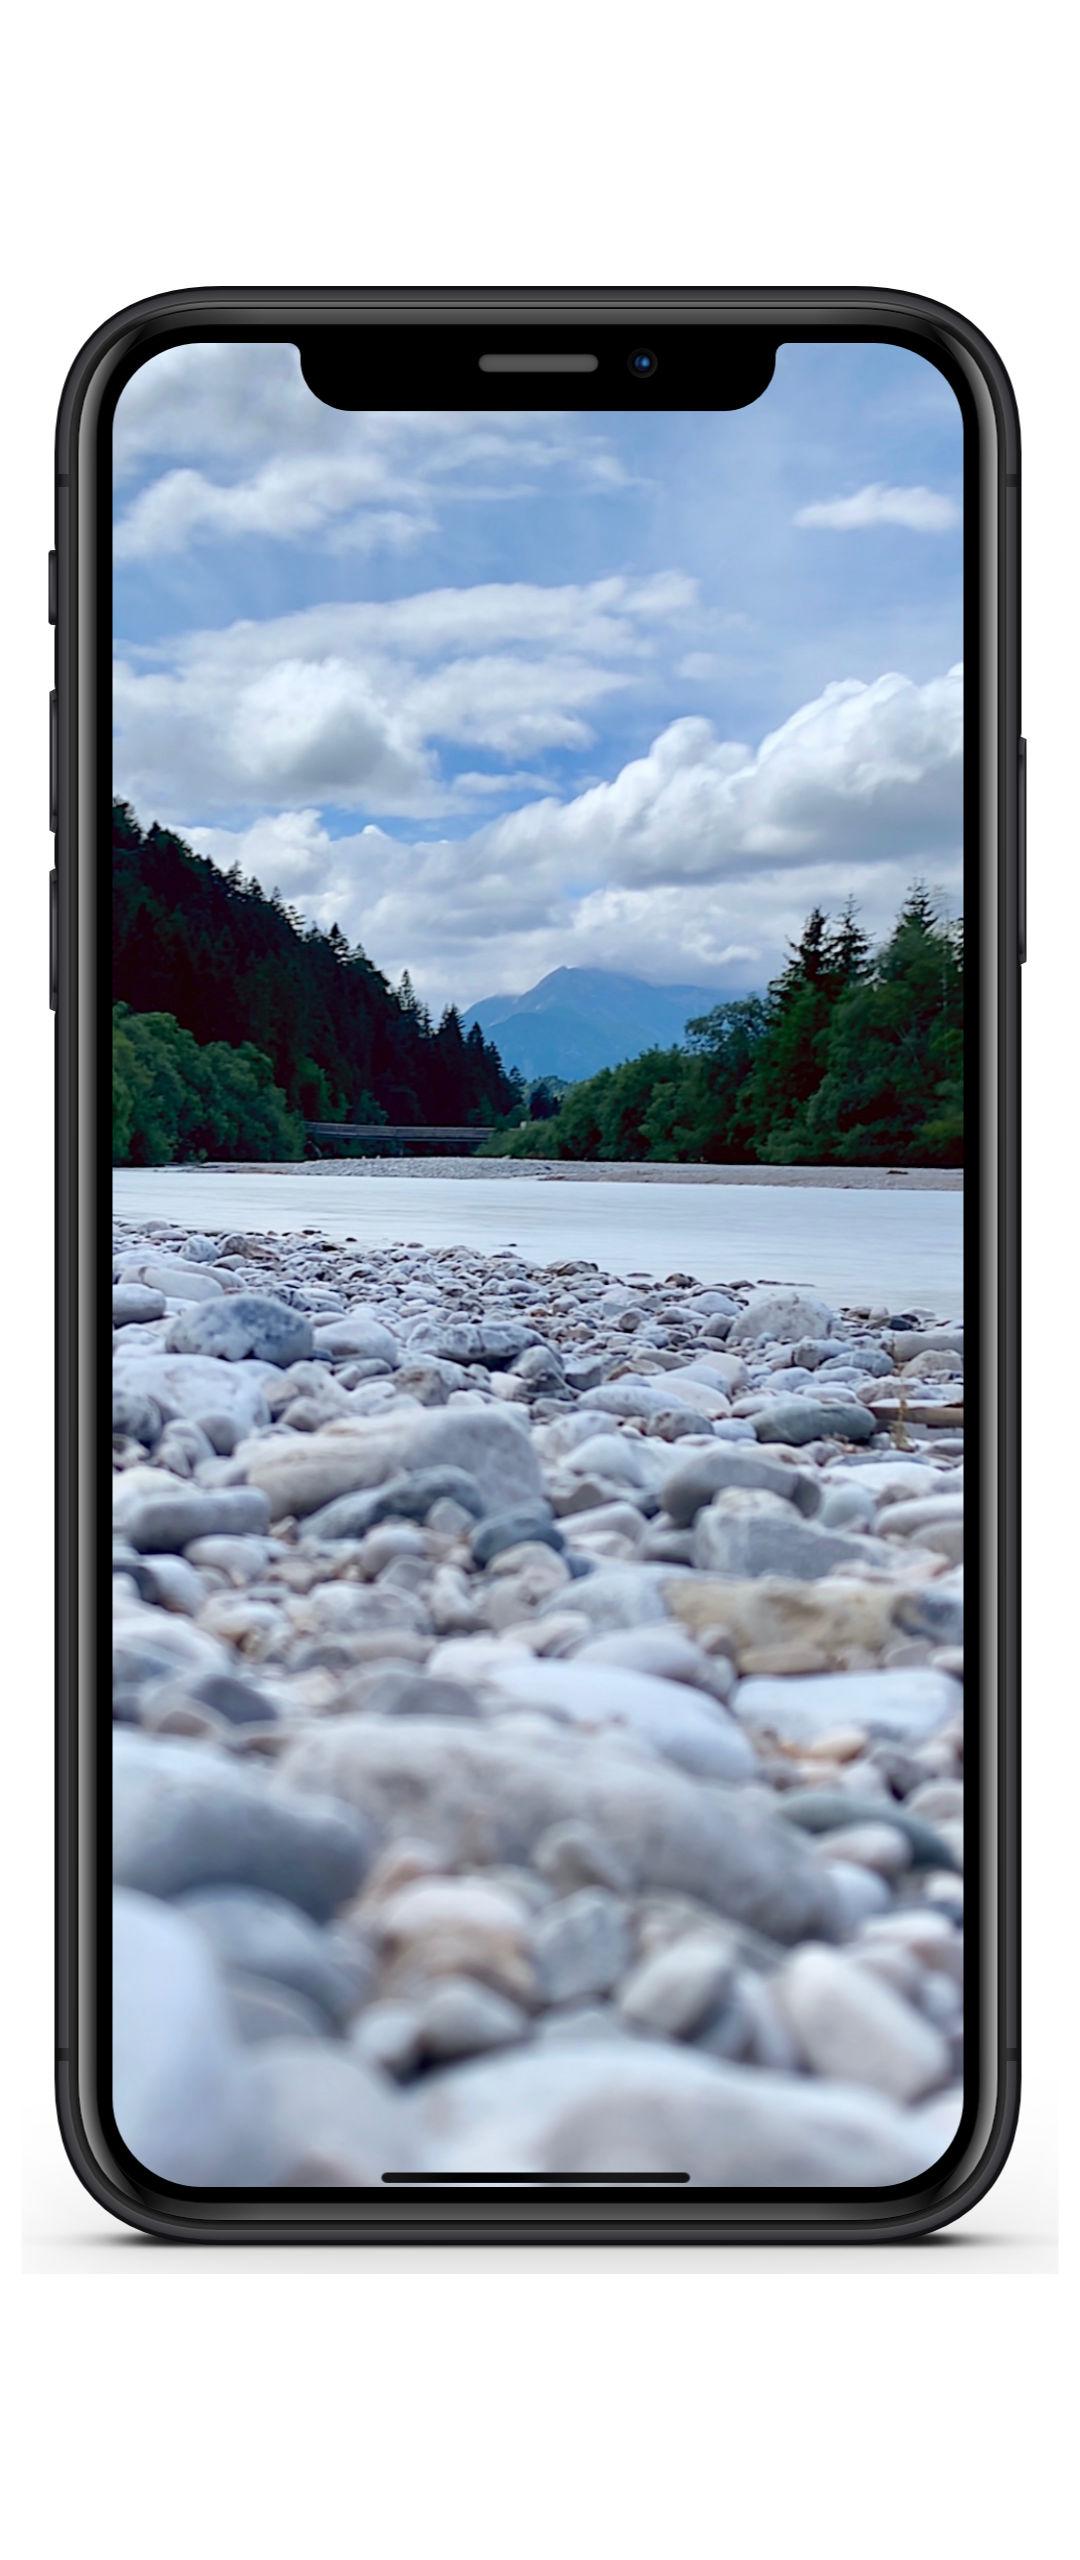 iPhone XR Wallpaper